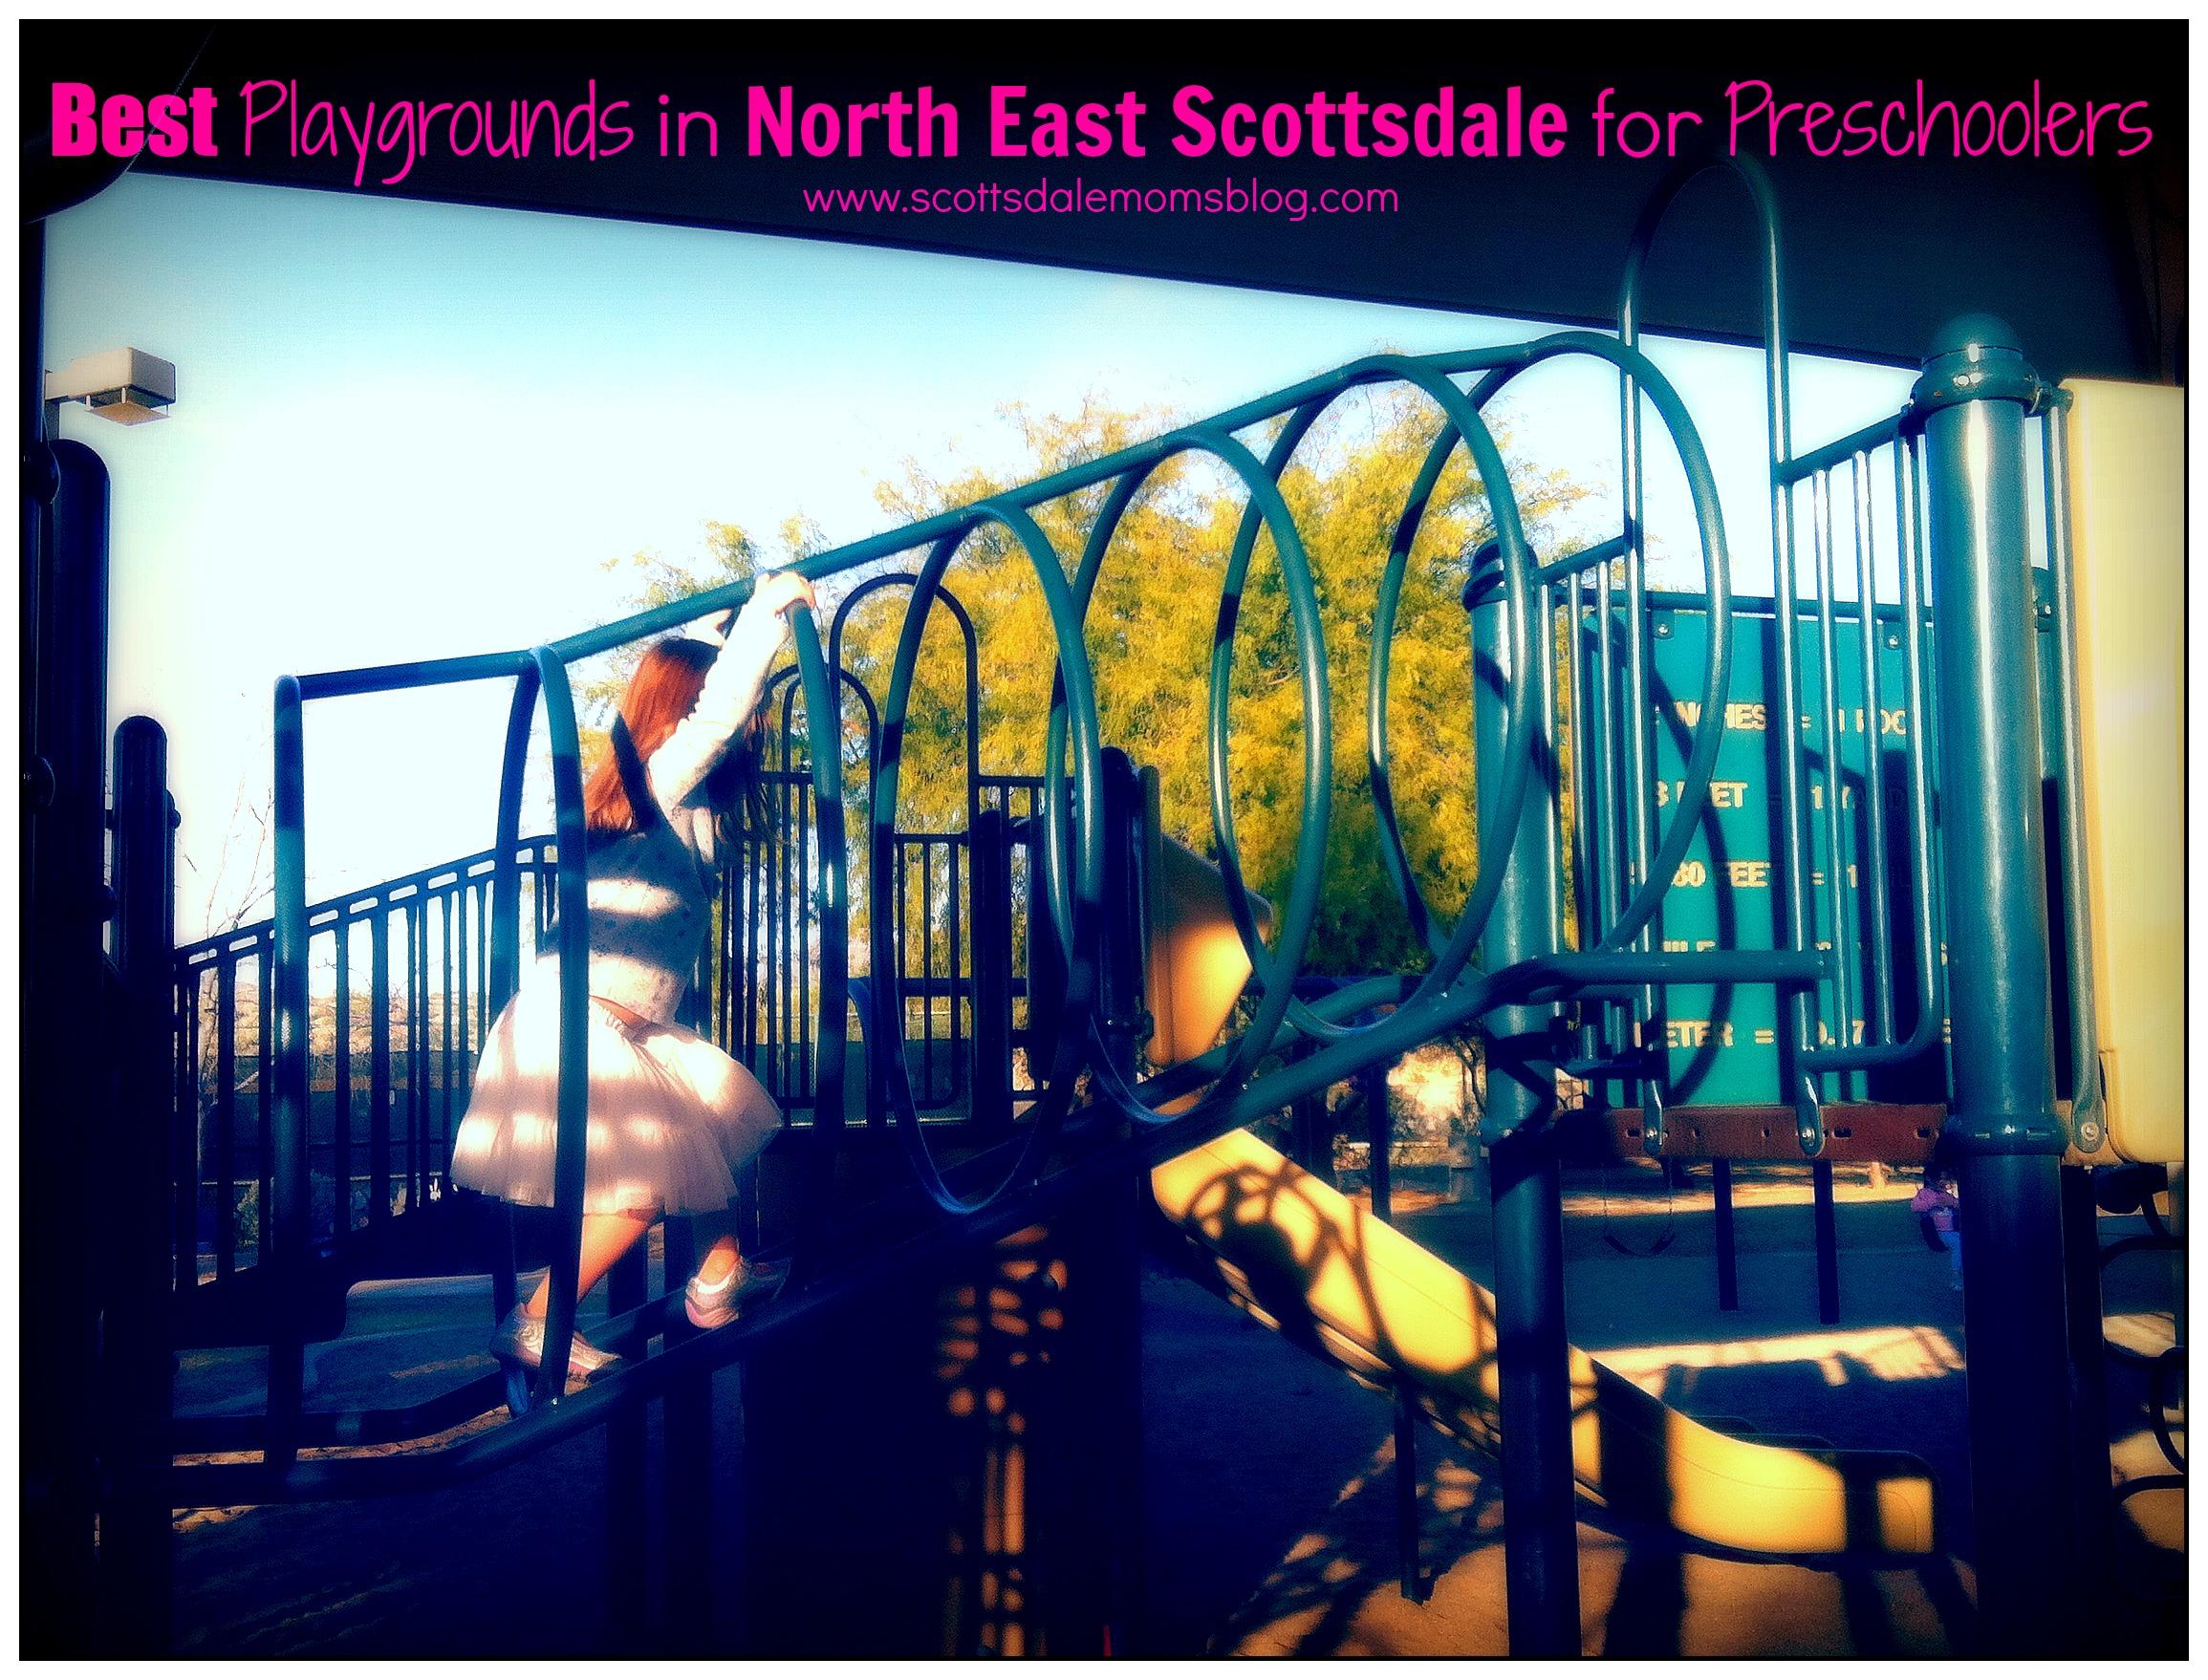 North East Scottsdale